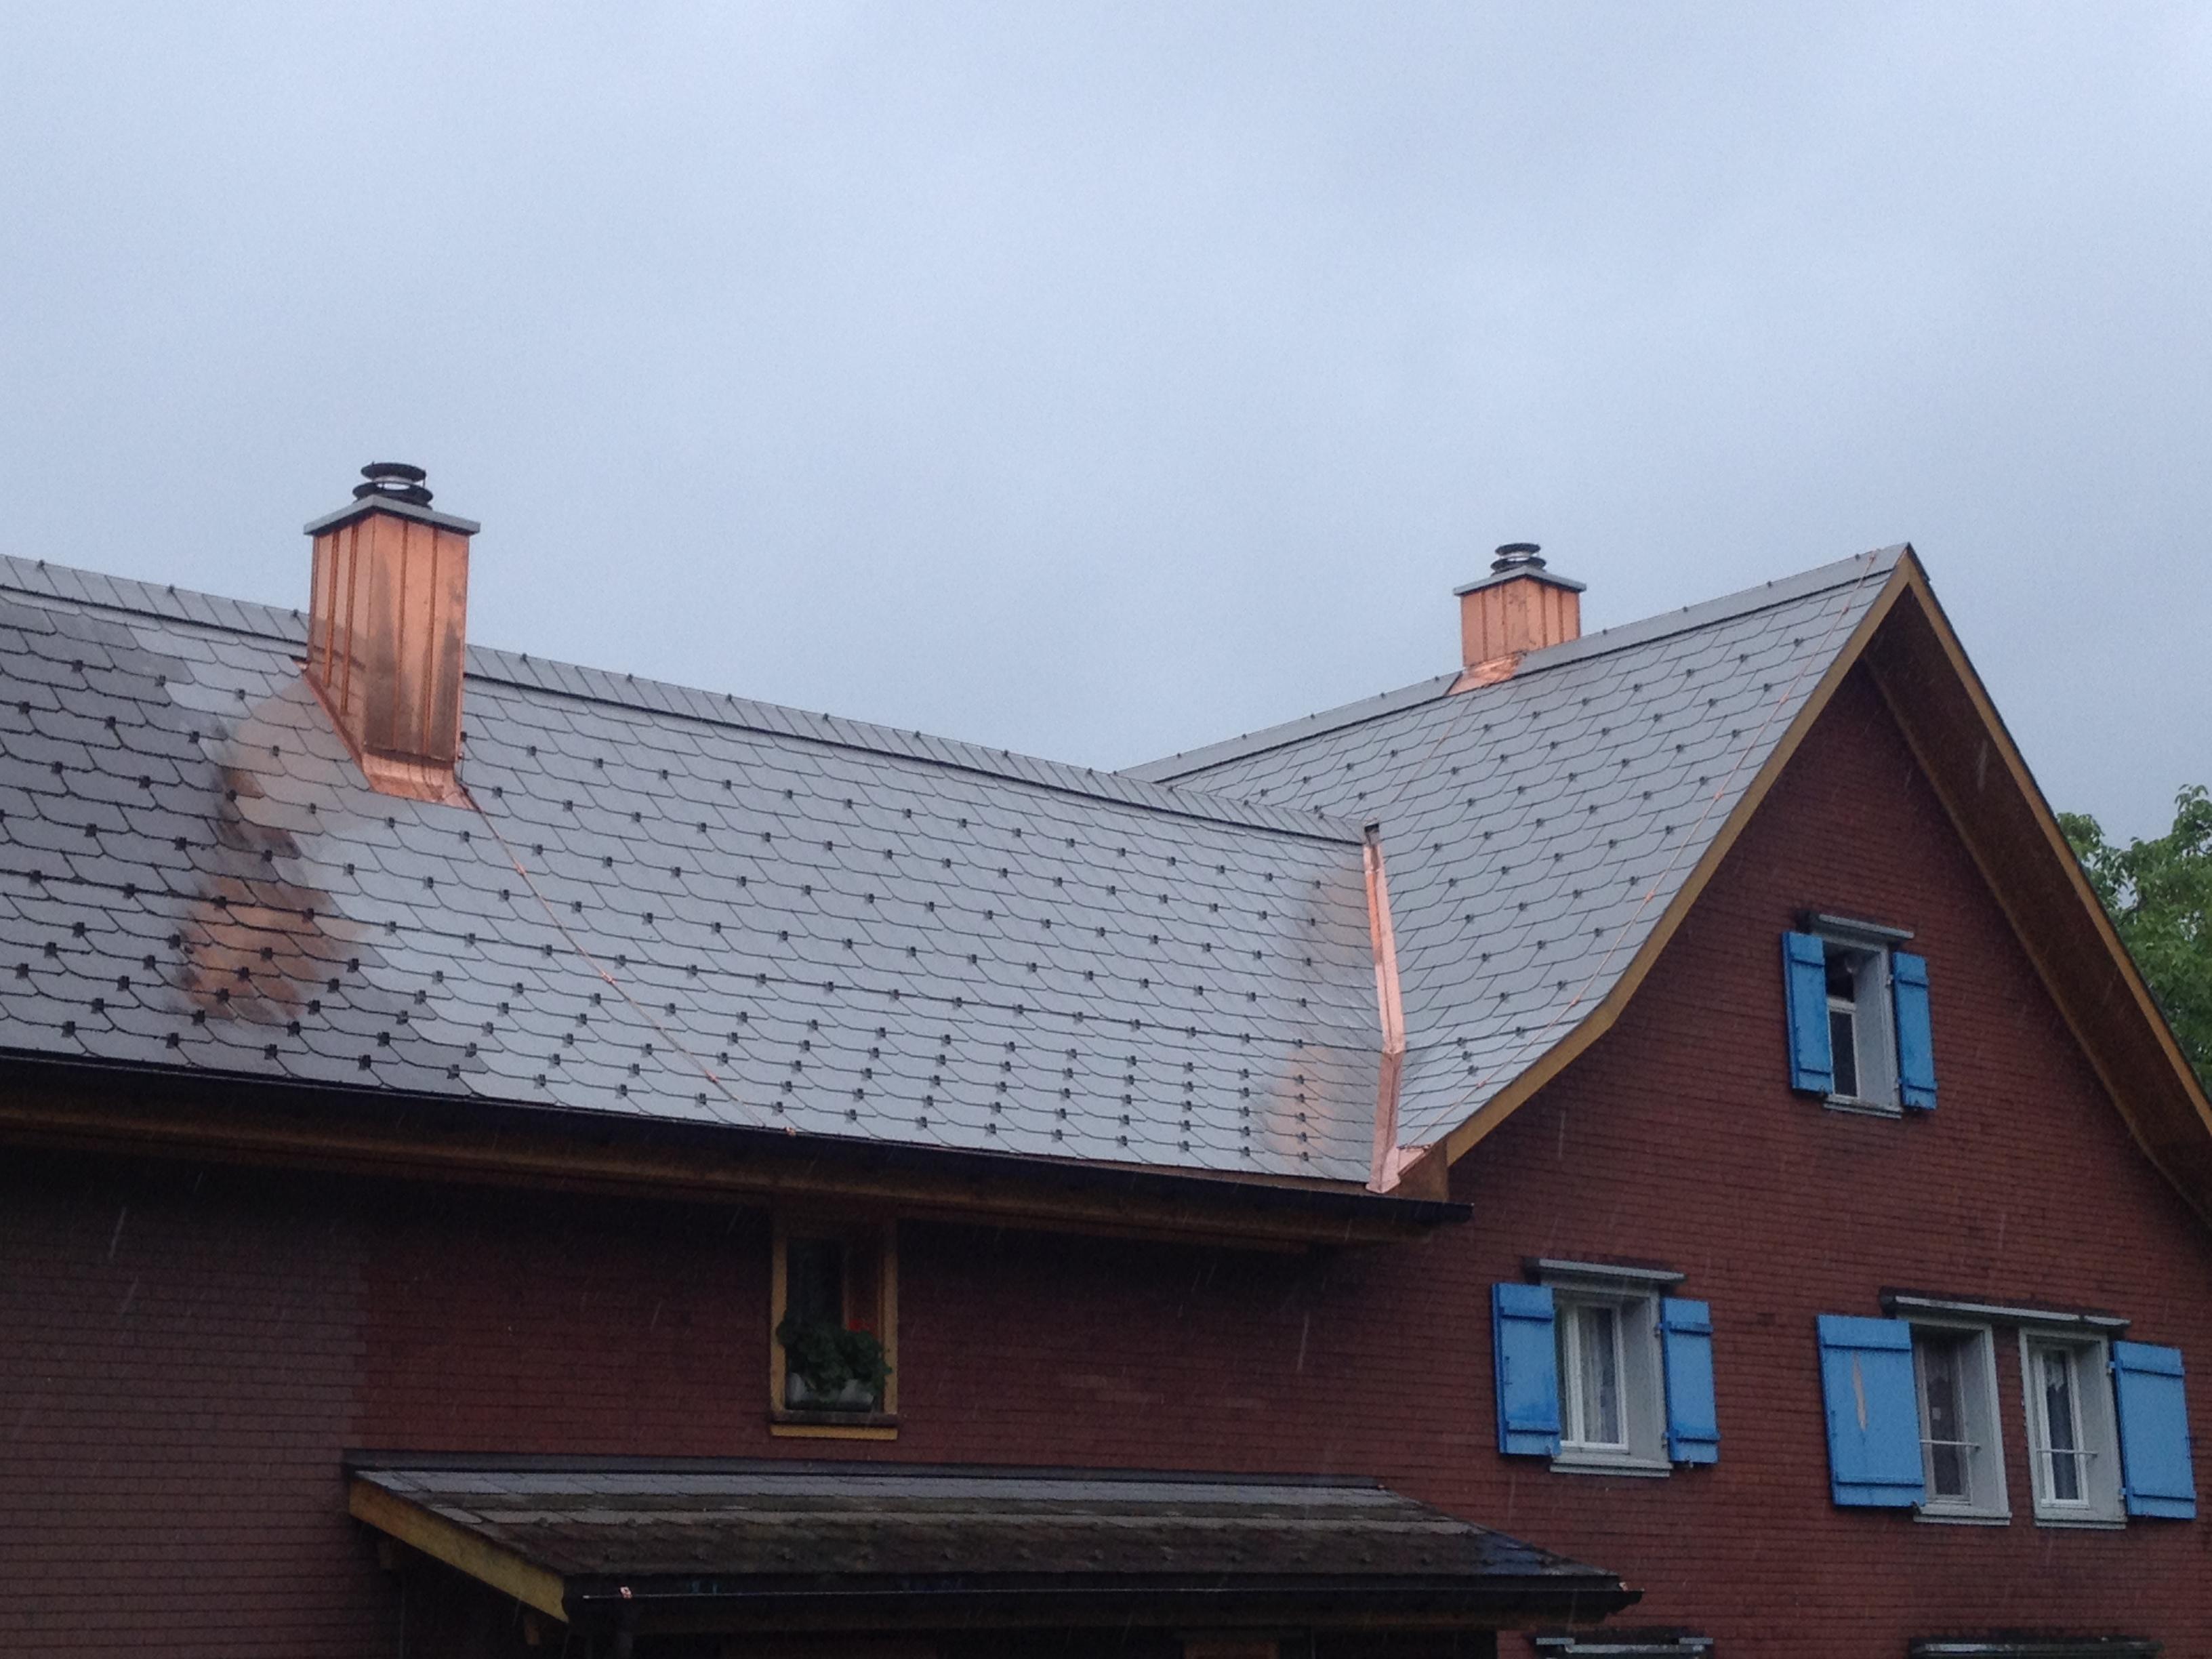 Bauernhof-Dach - nachher